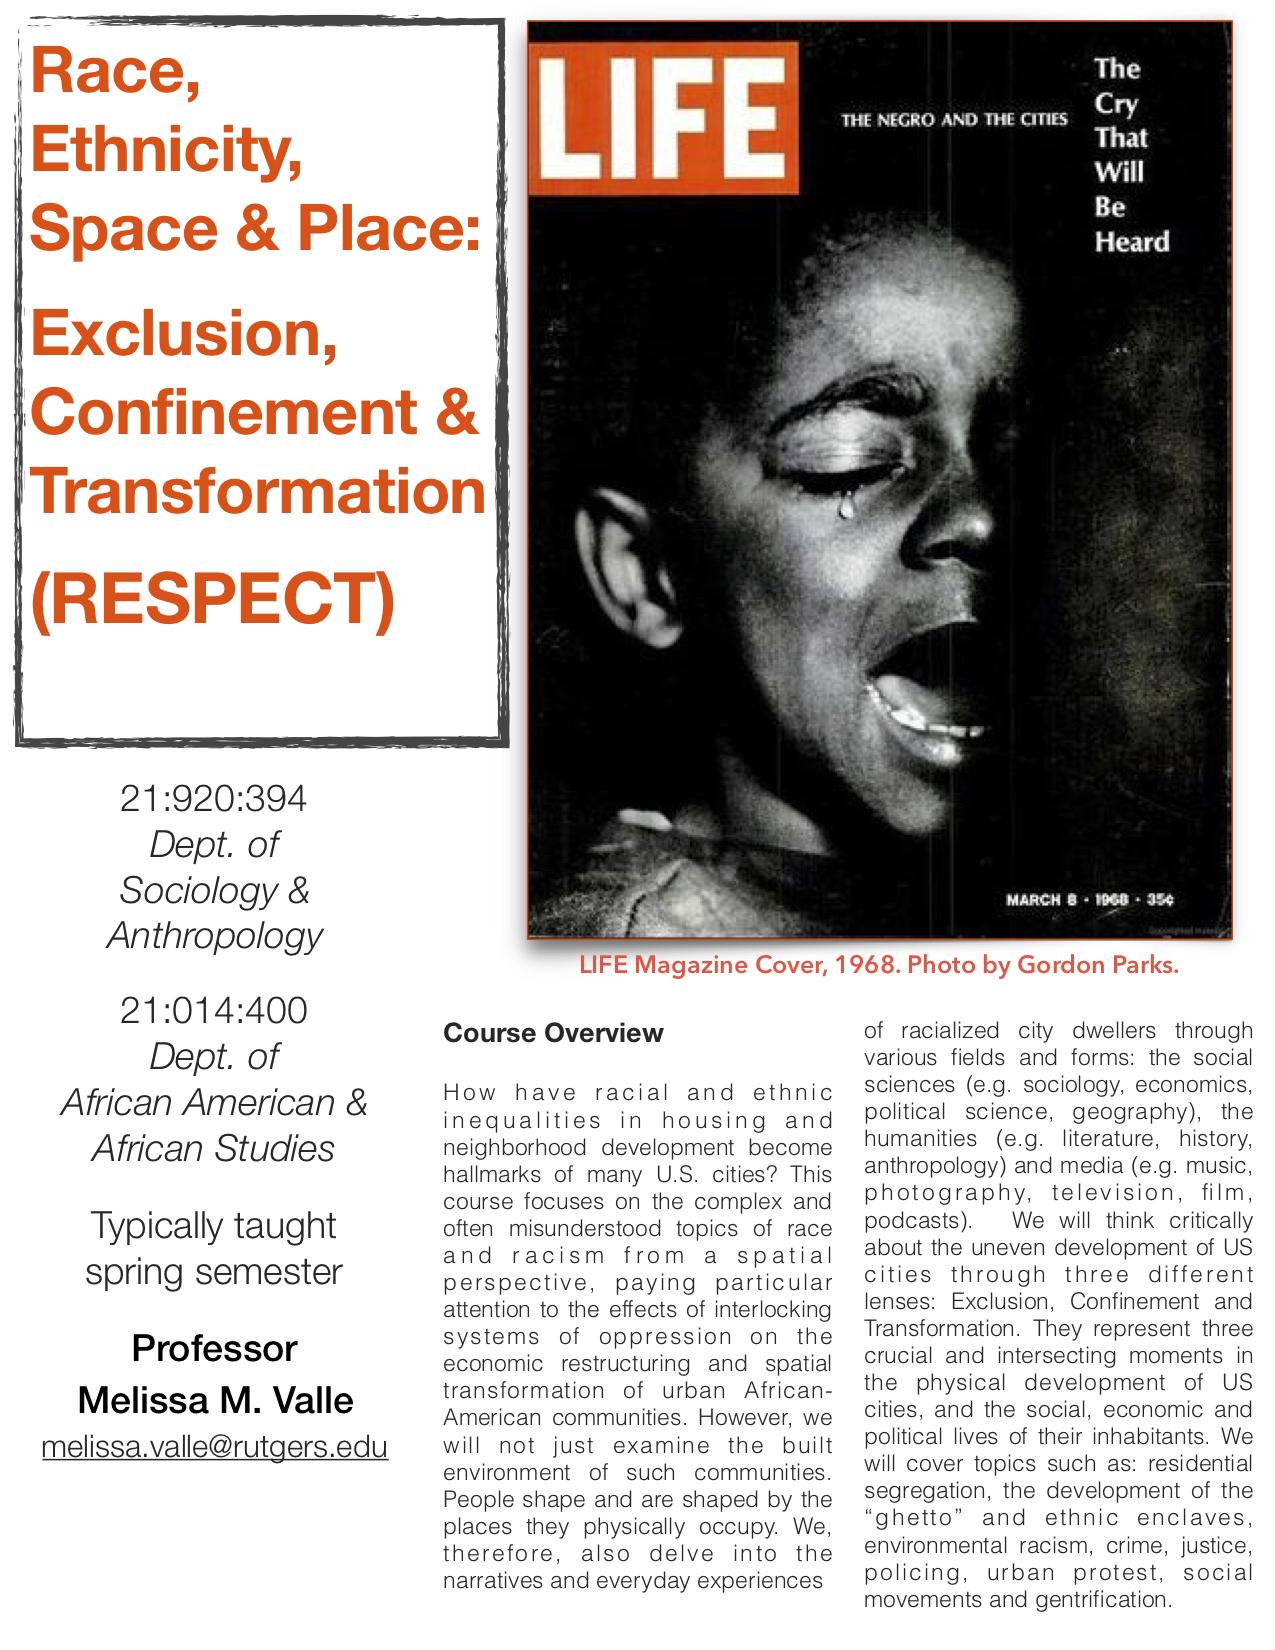 RESPECT poster.jpg